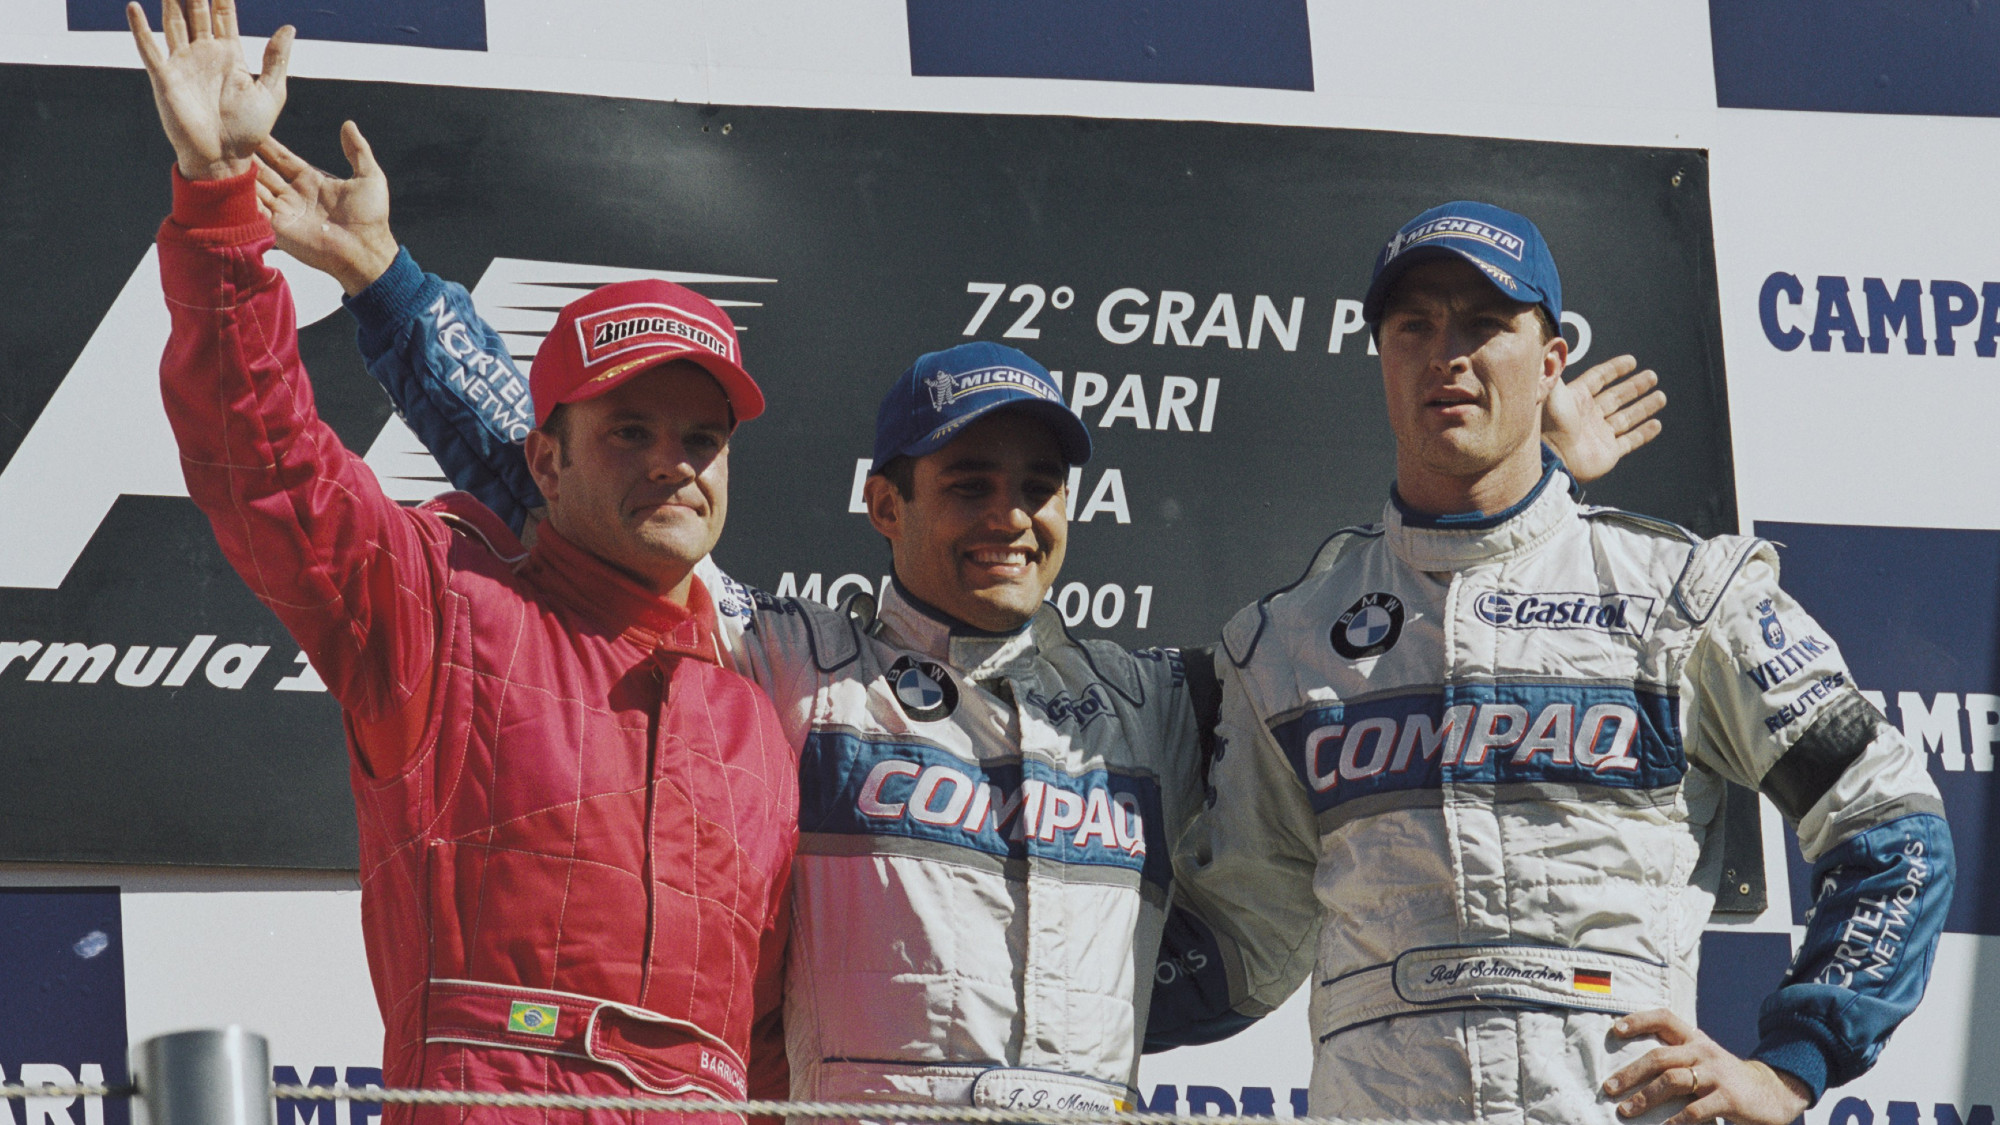 Monza 2001 Podium